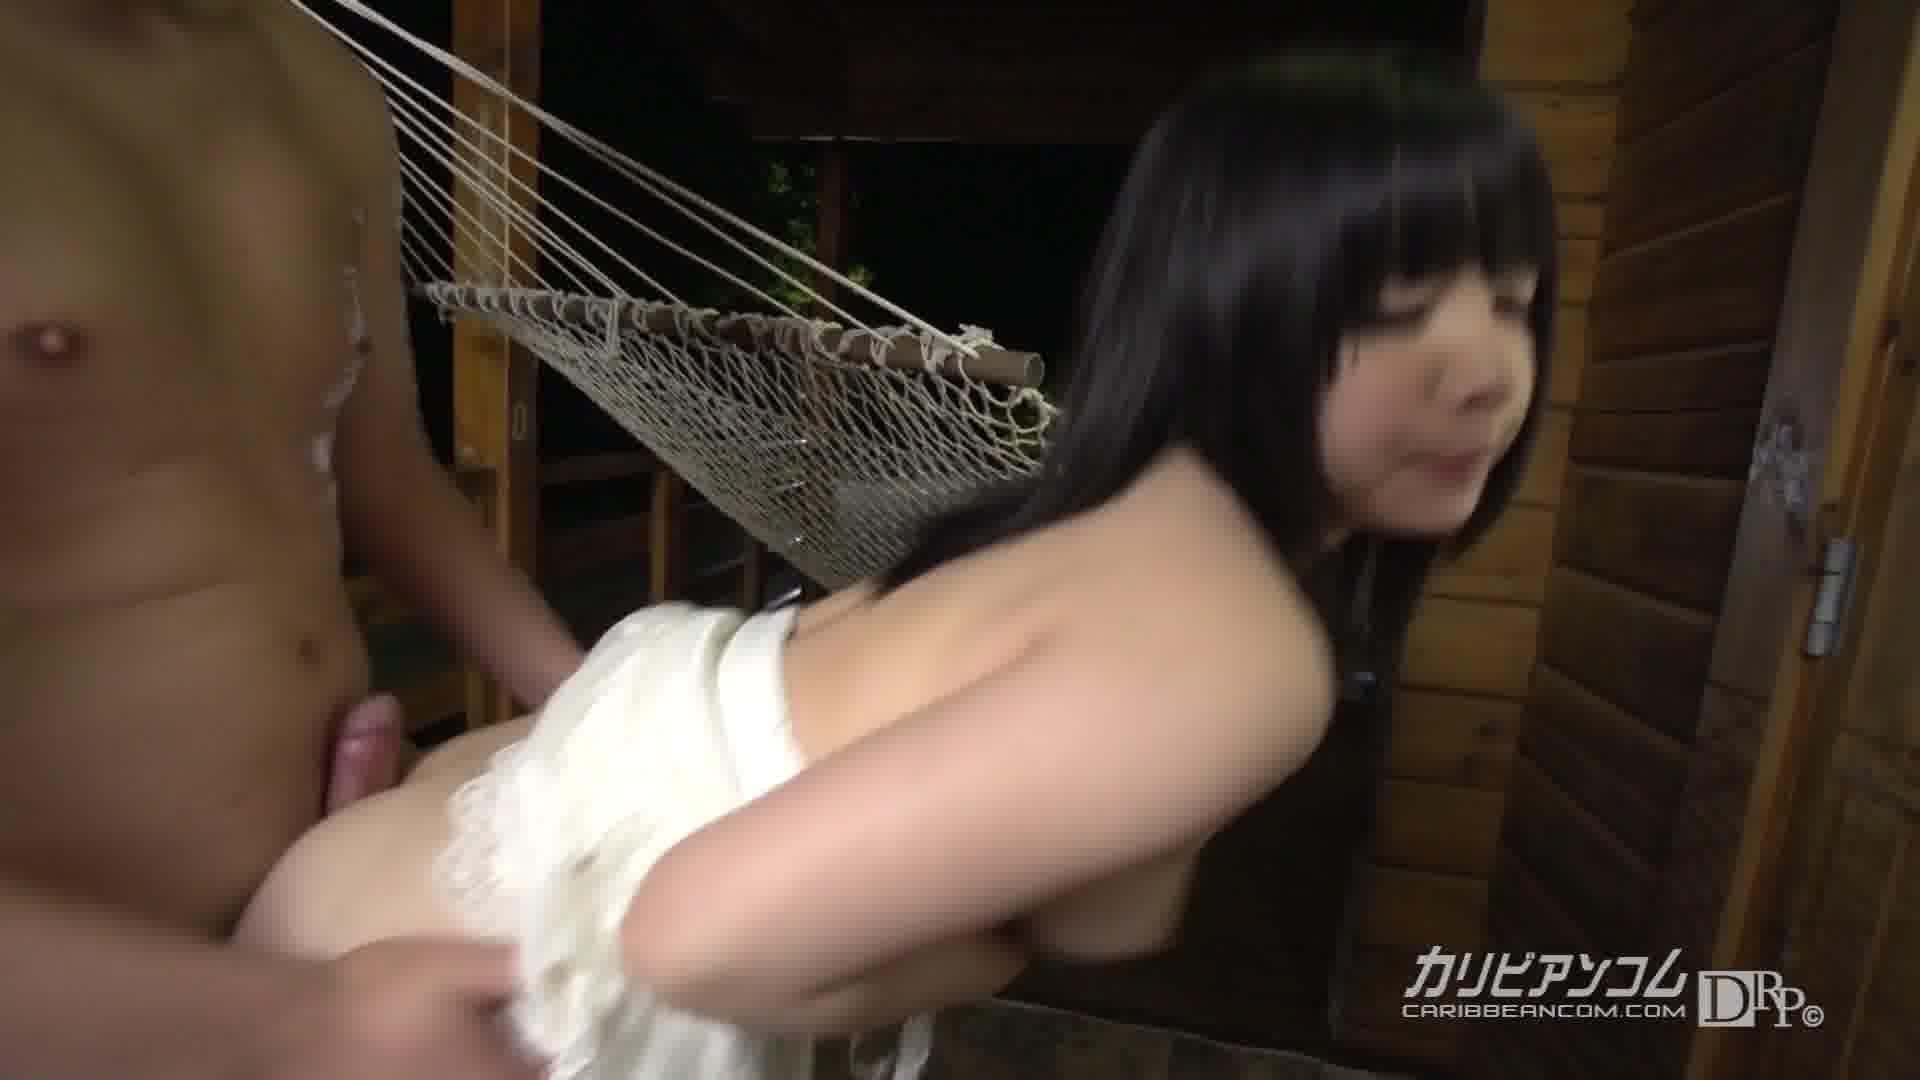 2人っきりで濃密エッチ 前編 - みなみ愛梨【巨乳・パイズリ・中出し】